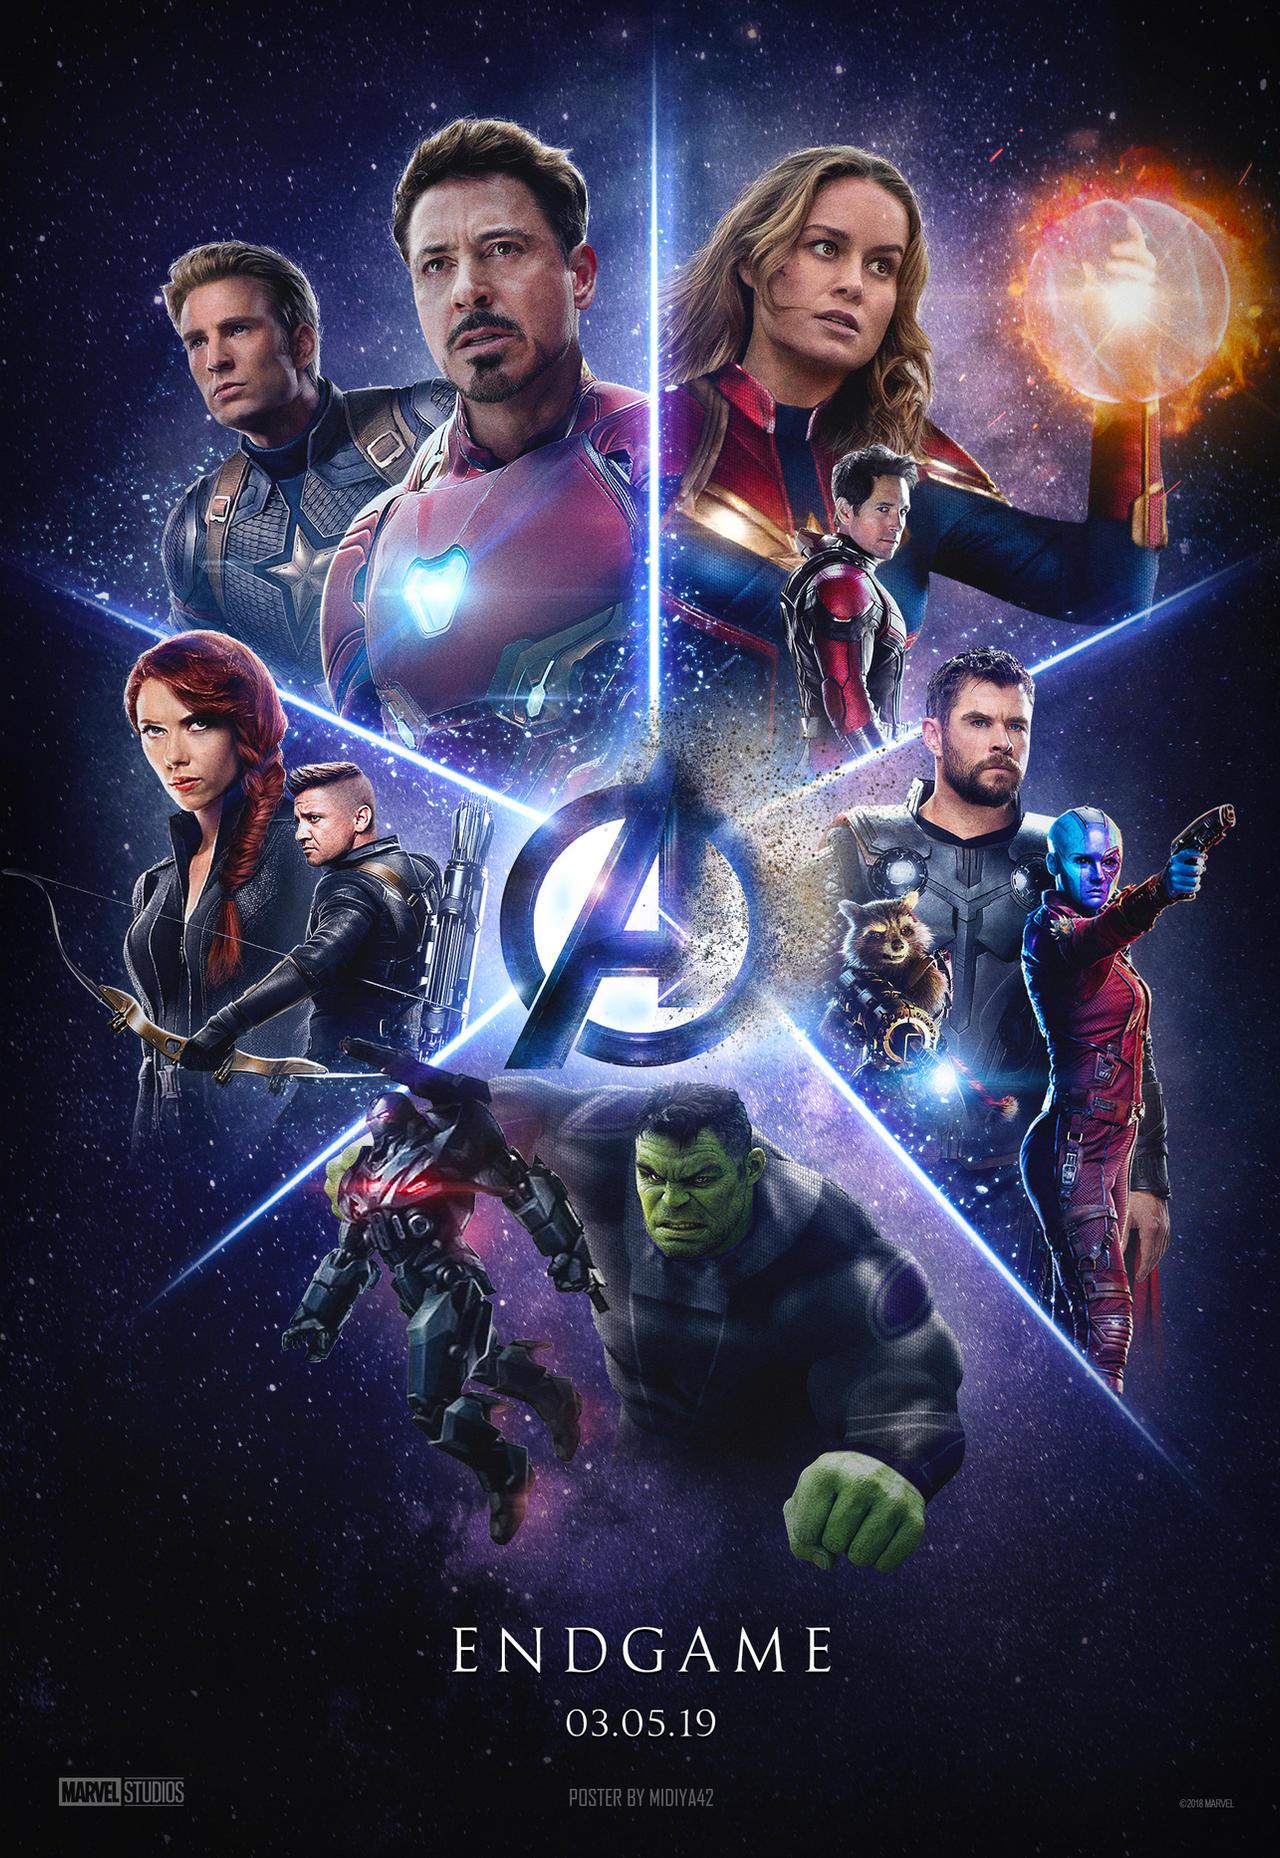 Avengers 4 Endgame 2019 Poster By Midiya42 On Deviantart